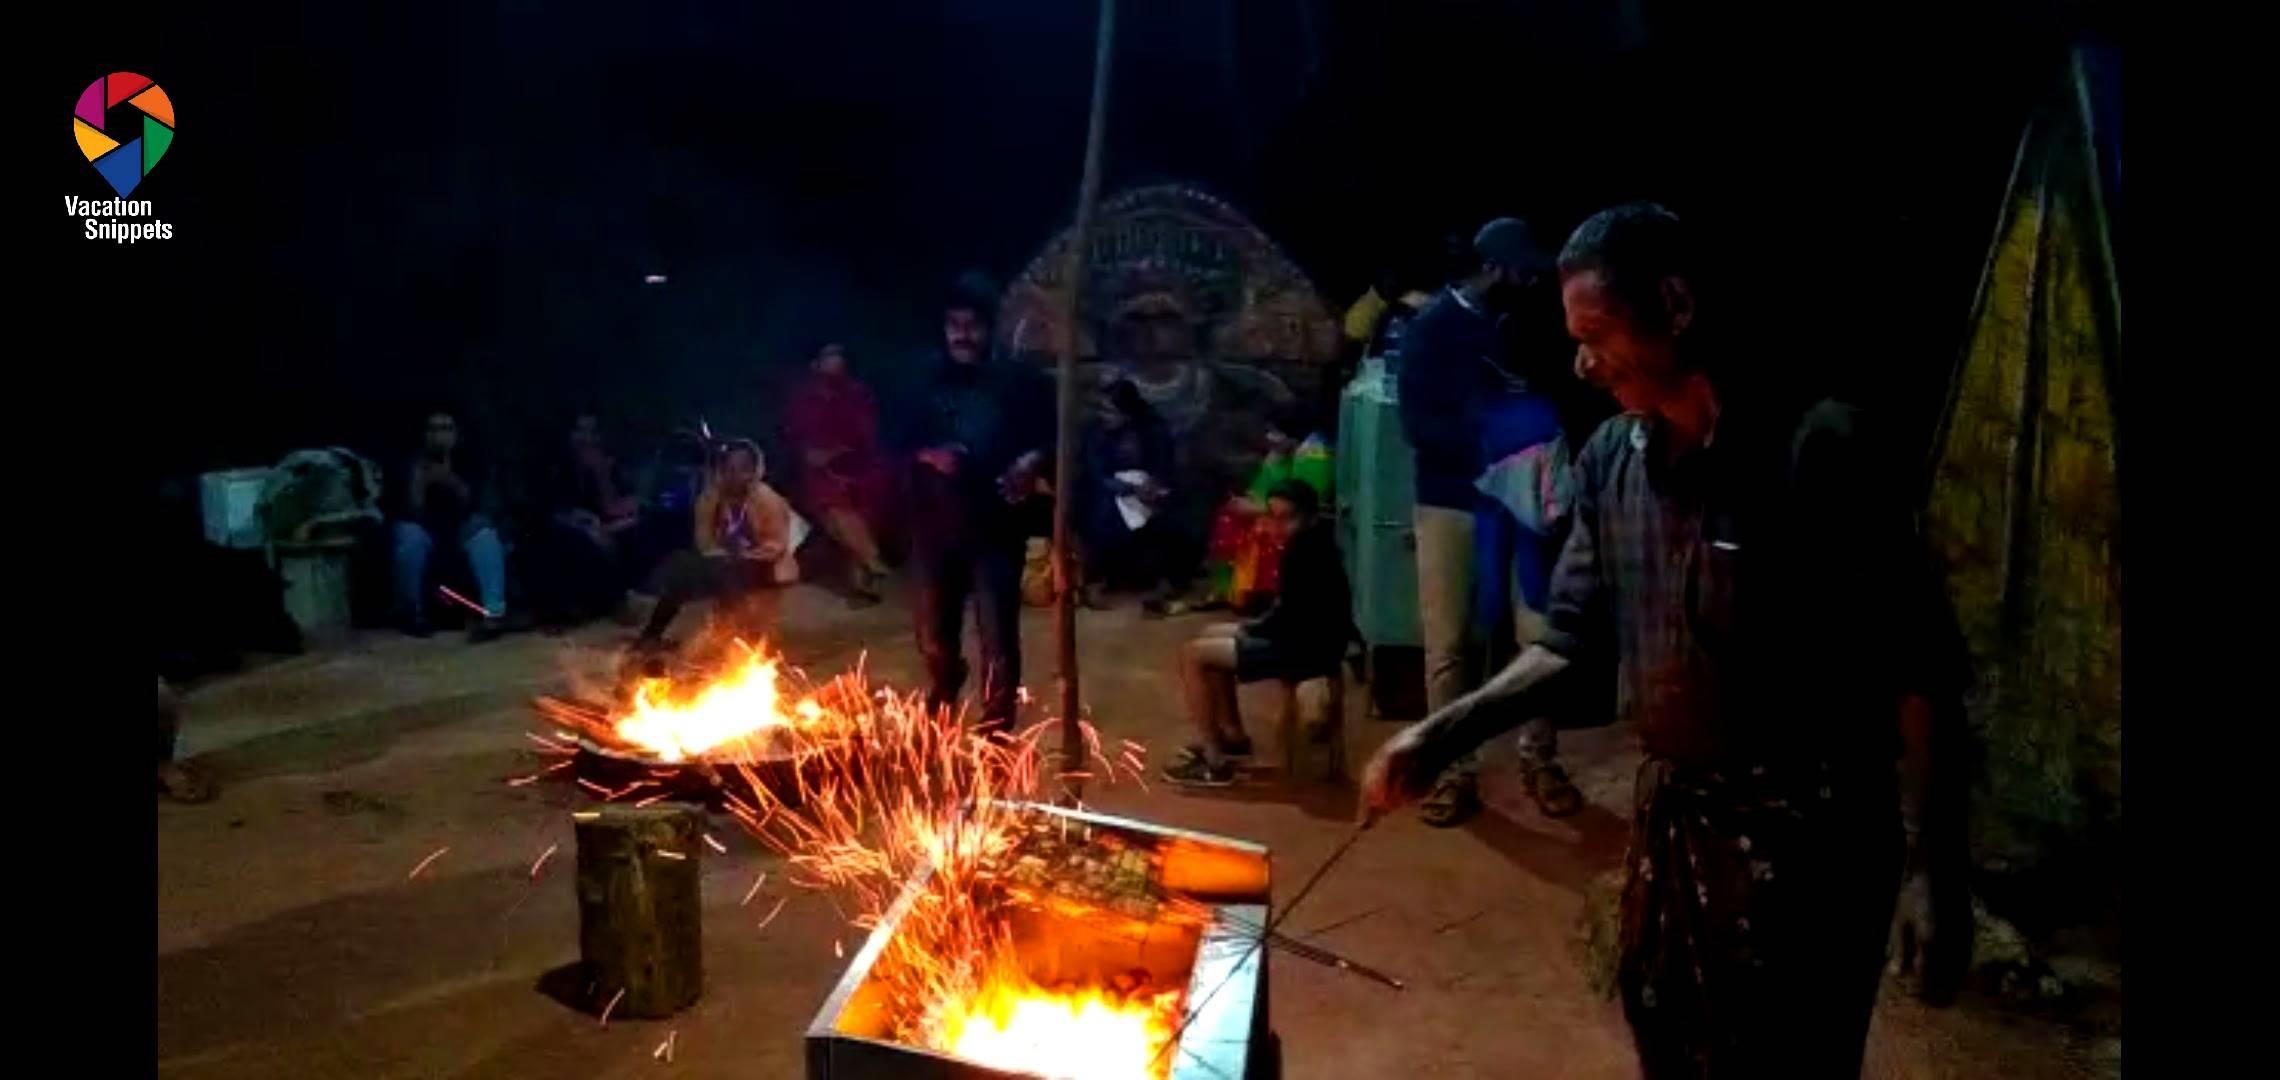 Bonfire pic